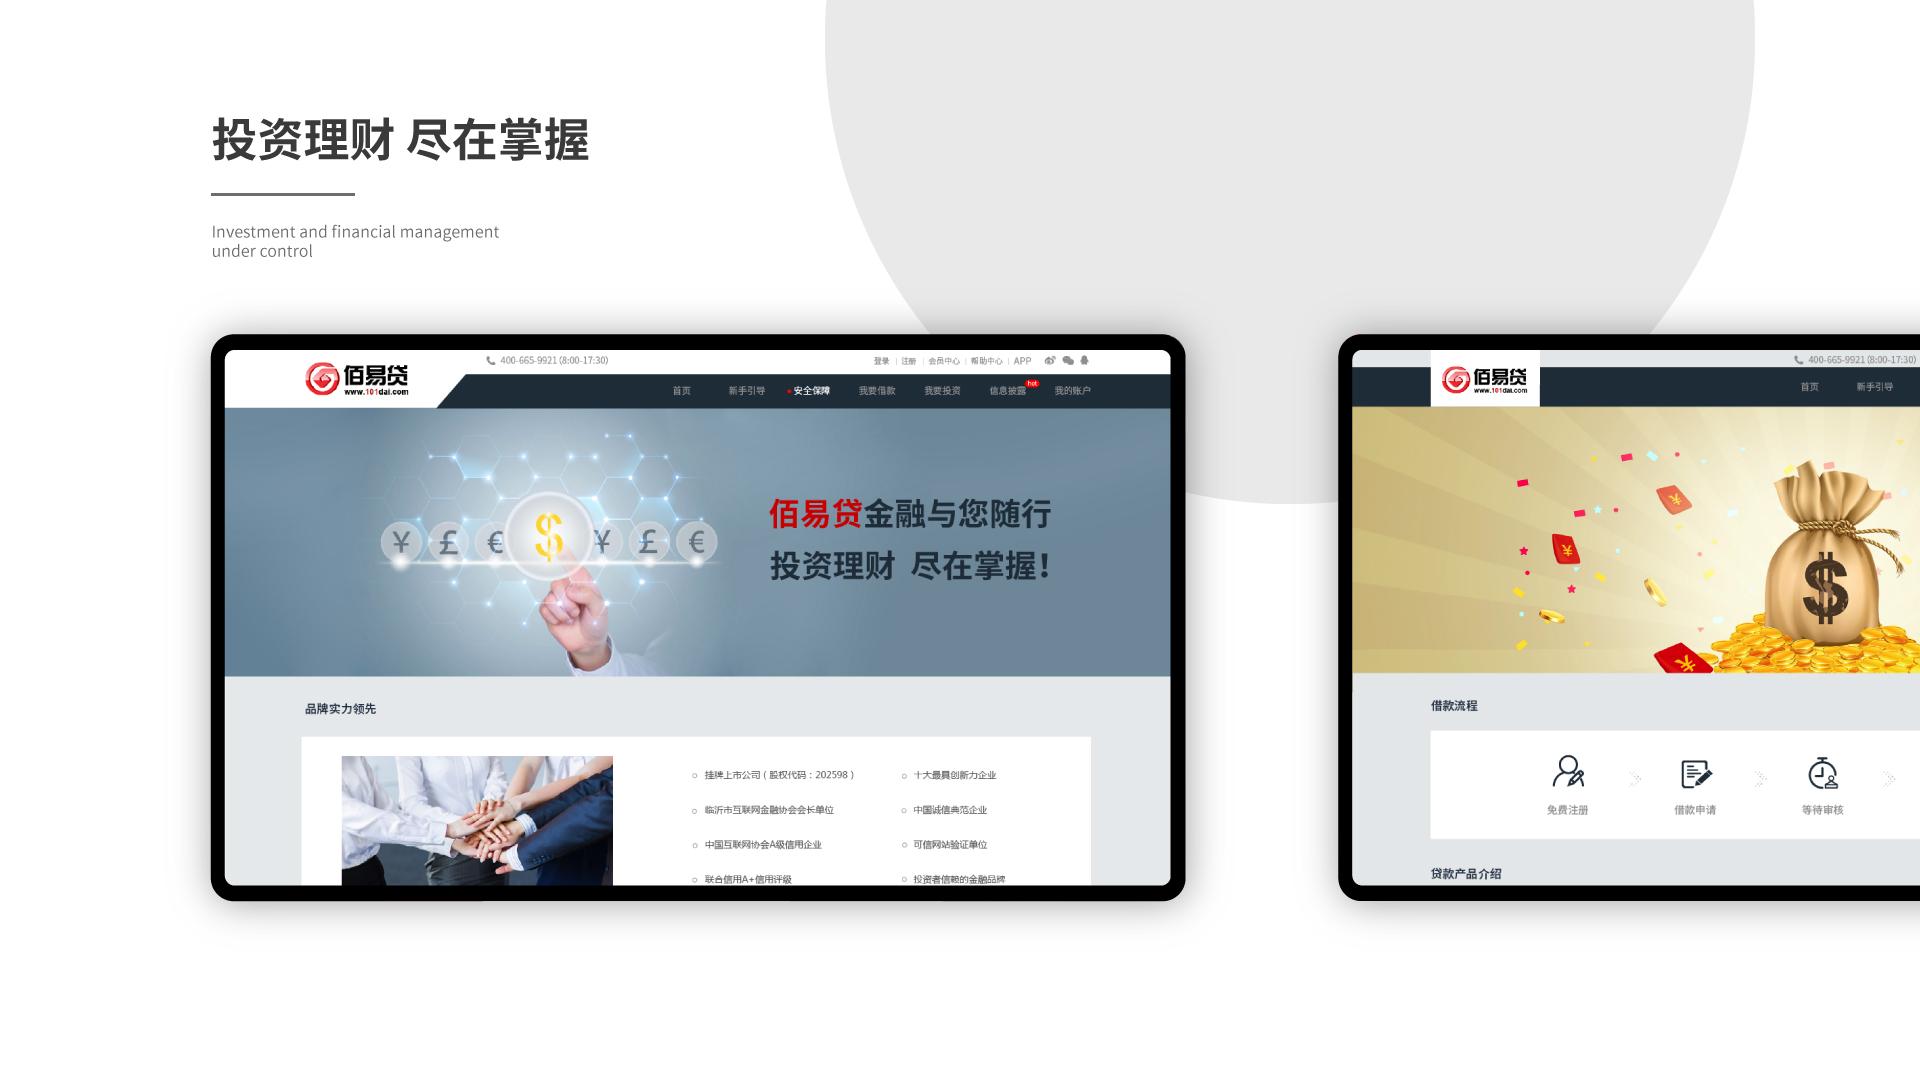 金融理财网站UI设计